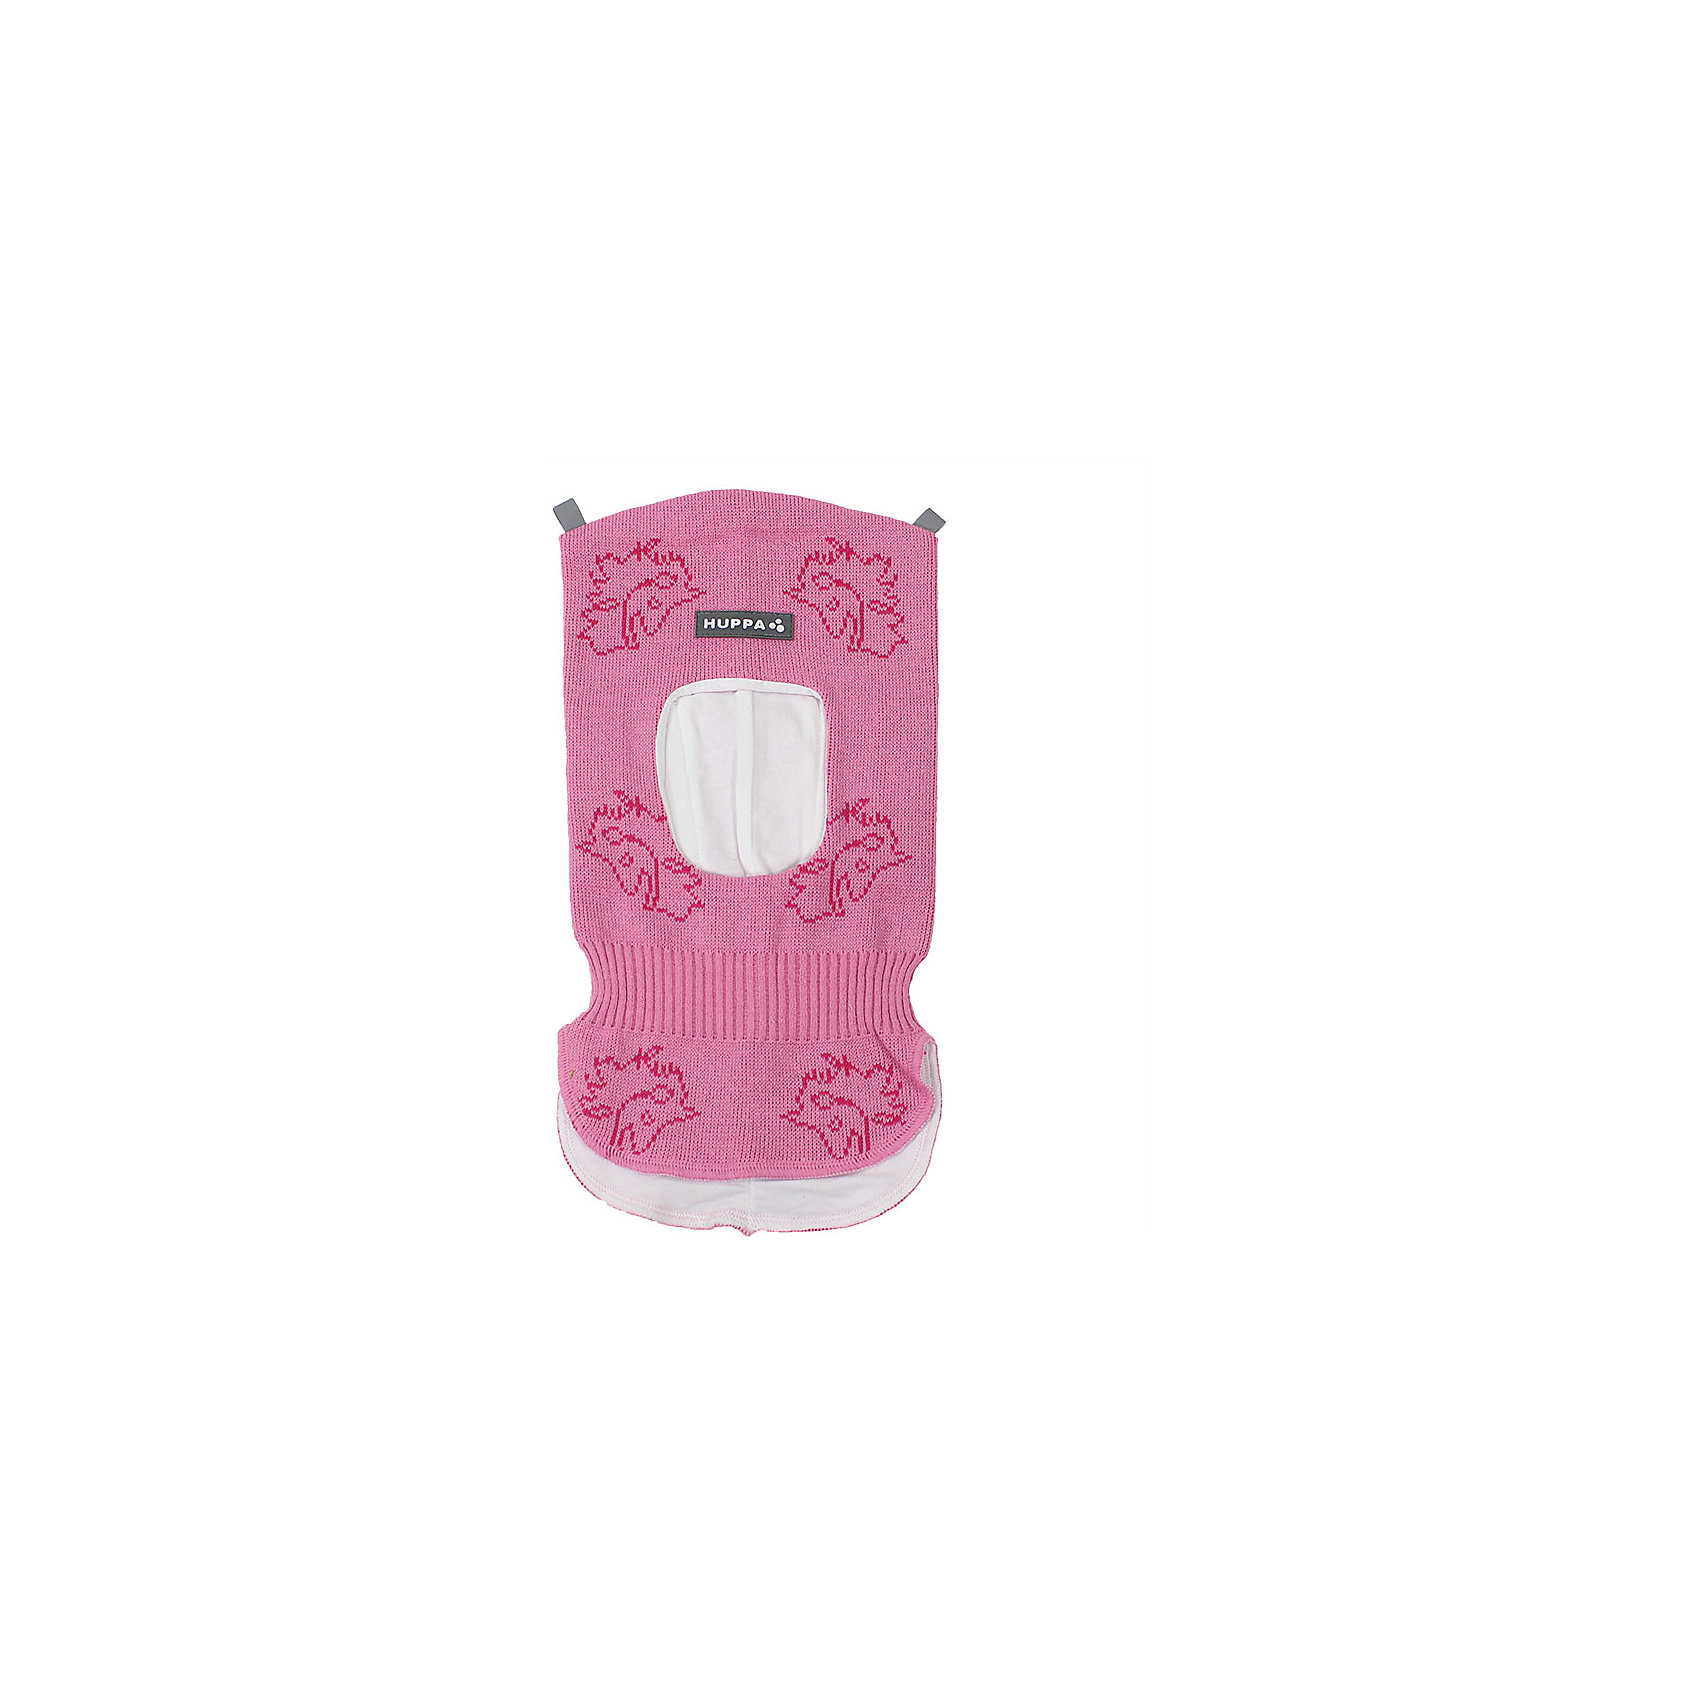 Шапка-шлем SELAH для девочки HuppaГоловные уборы<br>Характеристики товара:<br><br>• цвет: розовый принт<br>• состав: 50% хлопок, 50% акрил<br>• подкладка: трикотаж - 100% хлопок<br>• температурный режим: от -5°С до +10°С<br>• демисезонная<br>• мягкая резинка на шее<br>• логотип<br>• комфортная посадка<br>• мягкий материал<br>• страна бренда: Эстония<br><br>Эта шапка обеспечит детям тепло и комфорт. Она сделана из приятного на ощупь мягкого материала. Шапка очень симпатично смотрится, а дизайн и расцветка позволяют сочетать её с различной одеждой. Модель была разработана специально для детей.<br><br>Одежда и обувь от популярного эстонского бренда Huppa - отличный вариант одеть ребенка можно и комфортно. Вещи, выпускаемые компанией, качественные, продуманные и очень удобные. Для производства изделий используются только безопасные для детей материалы. Продукция от Huppa порадует и детей, и их родителей!<br><br>Шапку-шлем SELAH от бренда Huppa (Хуппа) можно купить в нашем интернет-магазине.<br><br>Ширина мм: 89<br>Глубина мм: 117<br>Высота мм: 44<br>Вес г: 155<br>Цвет: розовый<br>Возраст от месяцев: 6<br>Возраст до месяцев: 12<br>Пол: Женский<br>Возраст: Детский<br>Размер: 43-45,51-53,47-49<br>SKU: 5347609